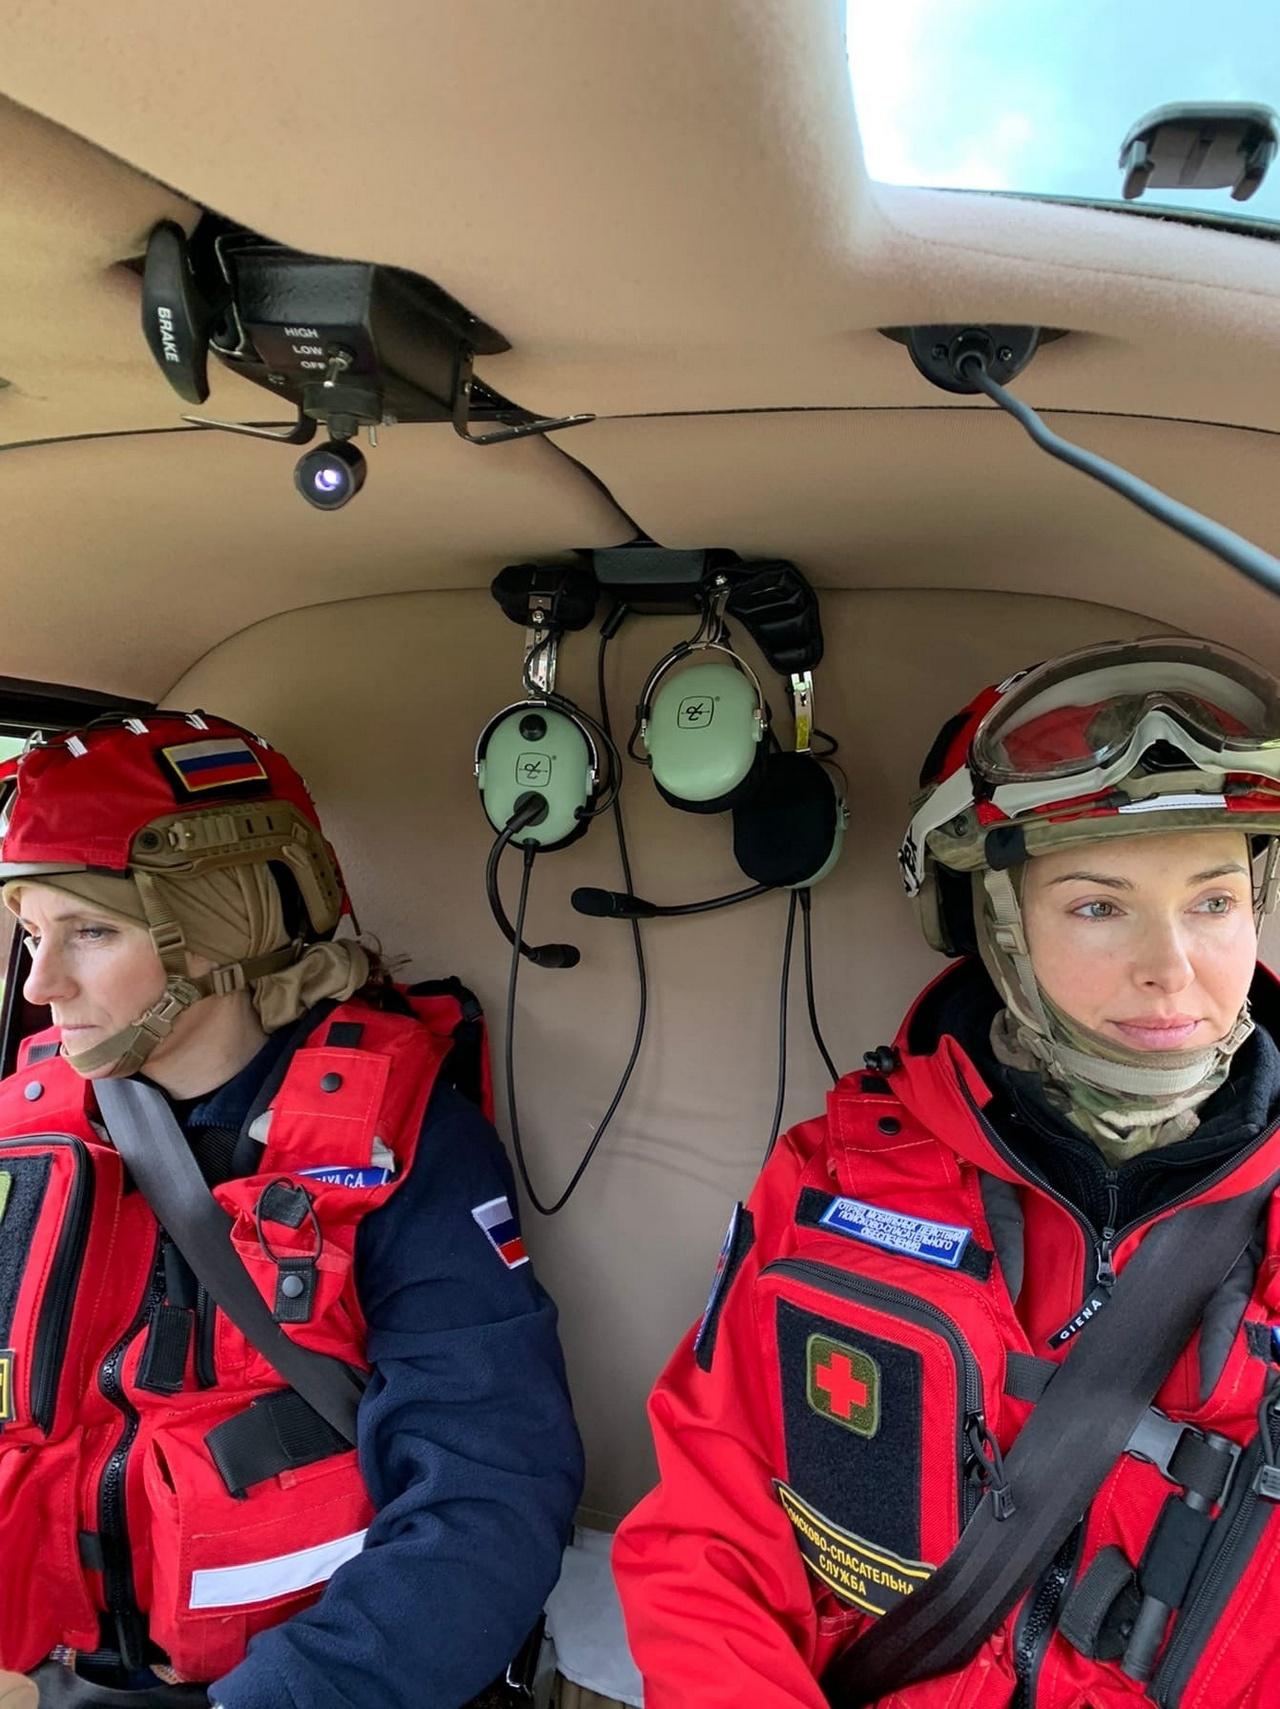 Поисково-спасательные работы - это крайне специфический вид деятельности, связанный и с физической, и с психологической подготовкой, и с техническим оснащением.